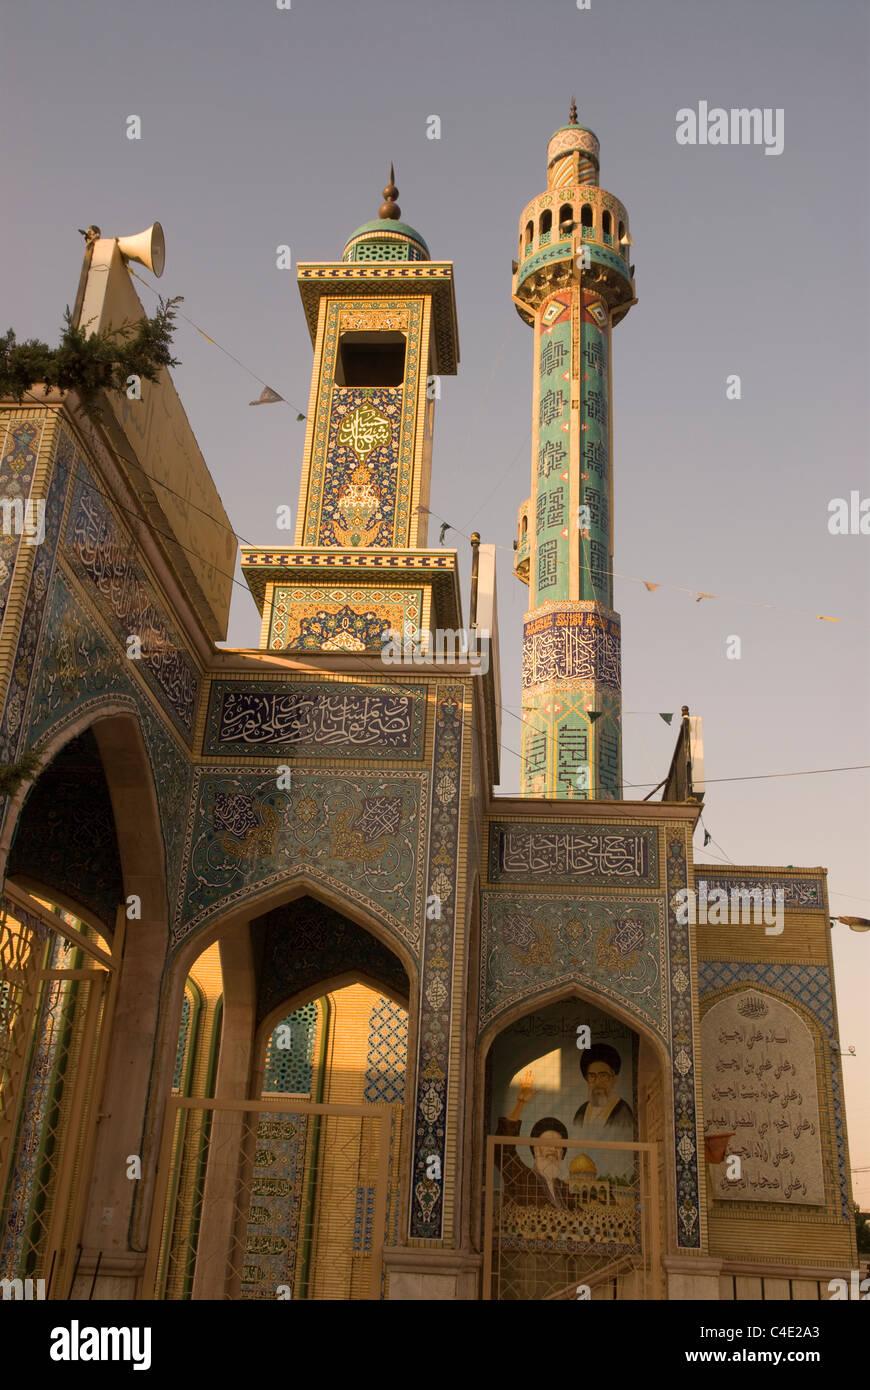 La moschea, Baalbek, Bekaa Valley, il Libano. Immagini Stock